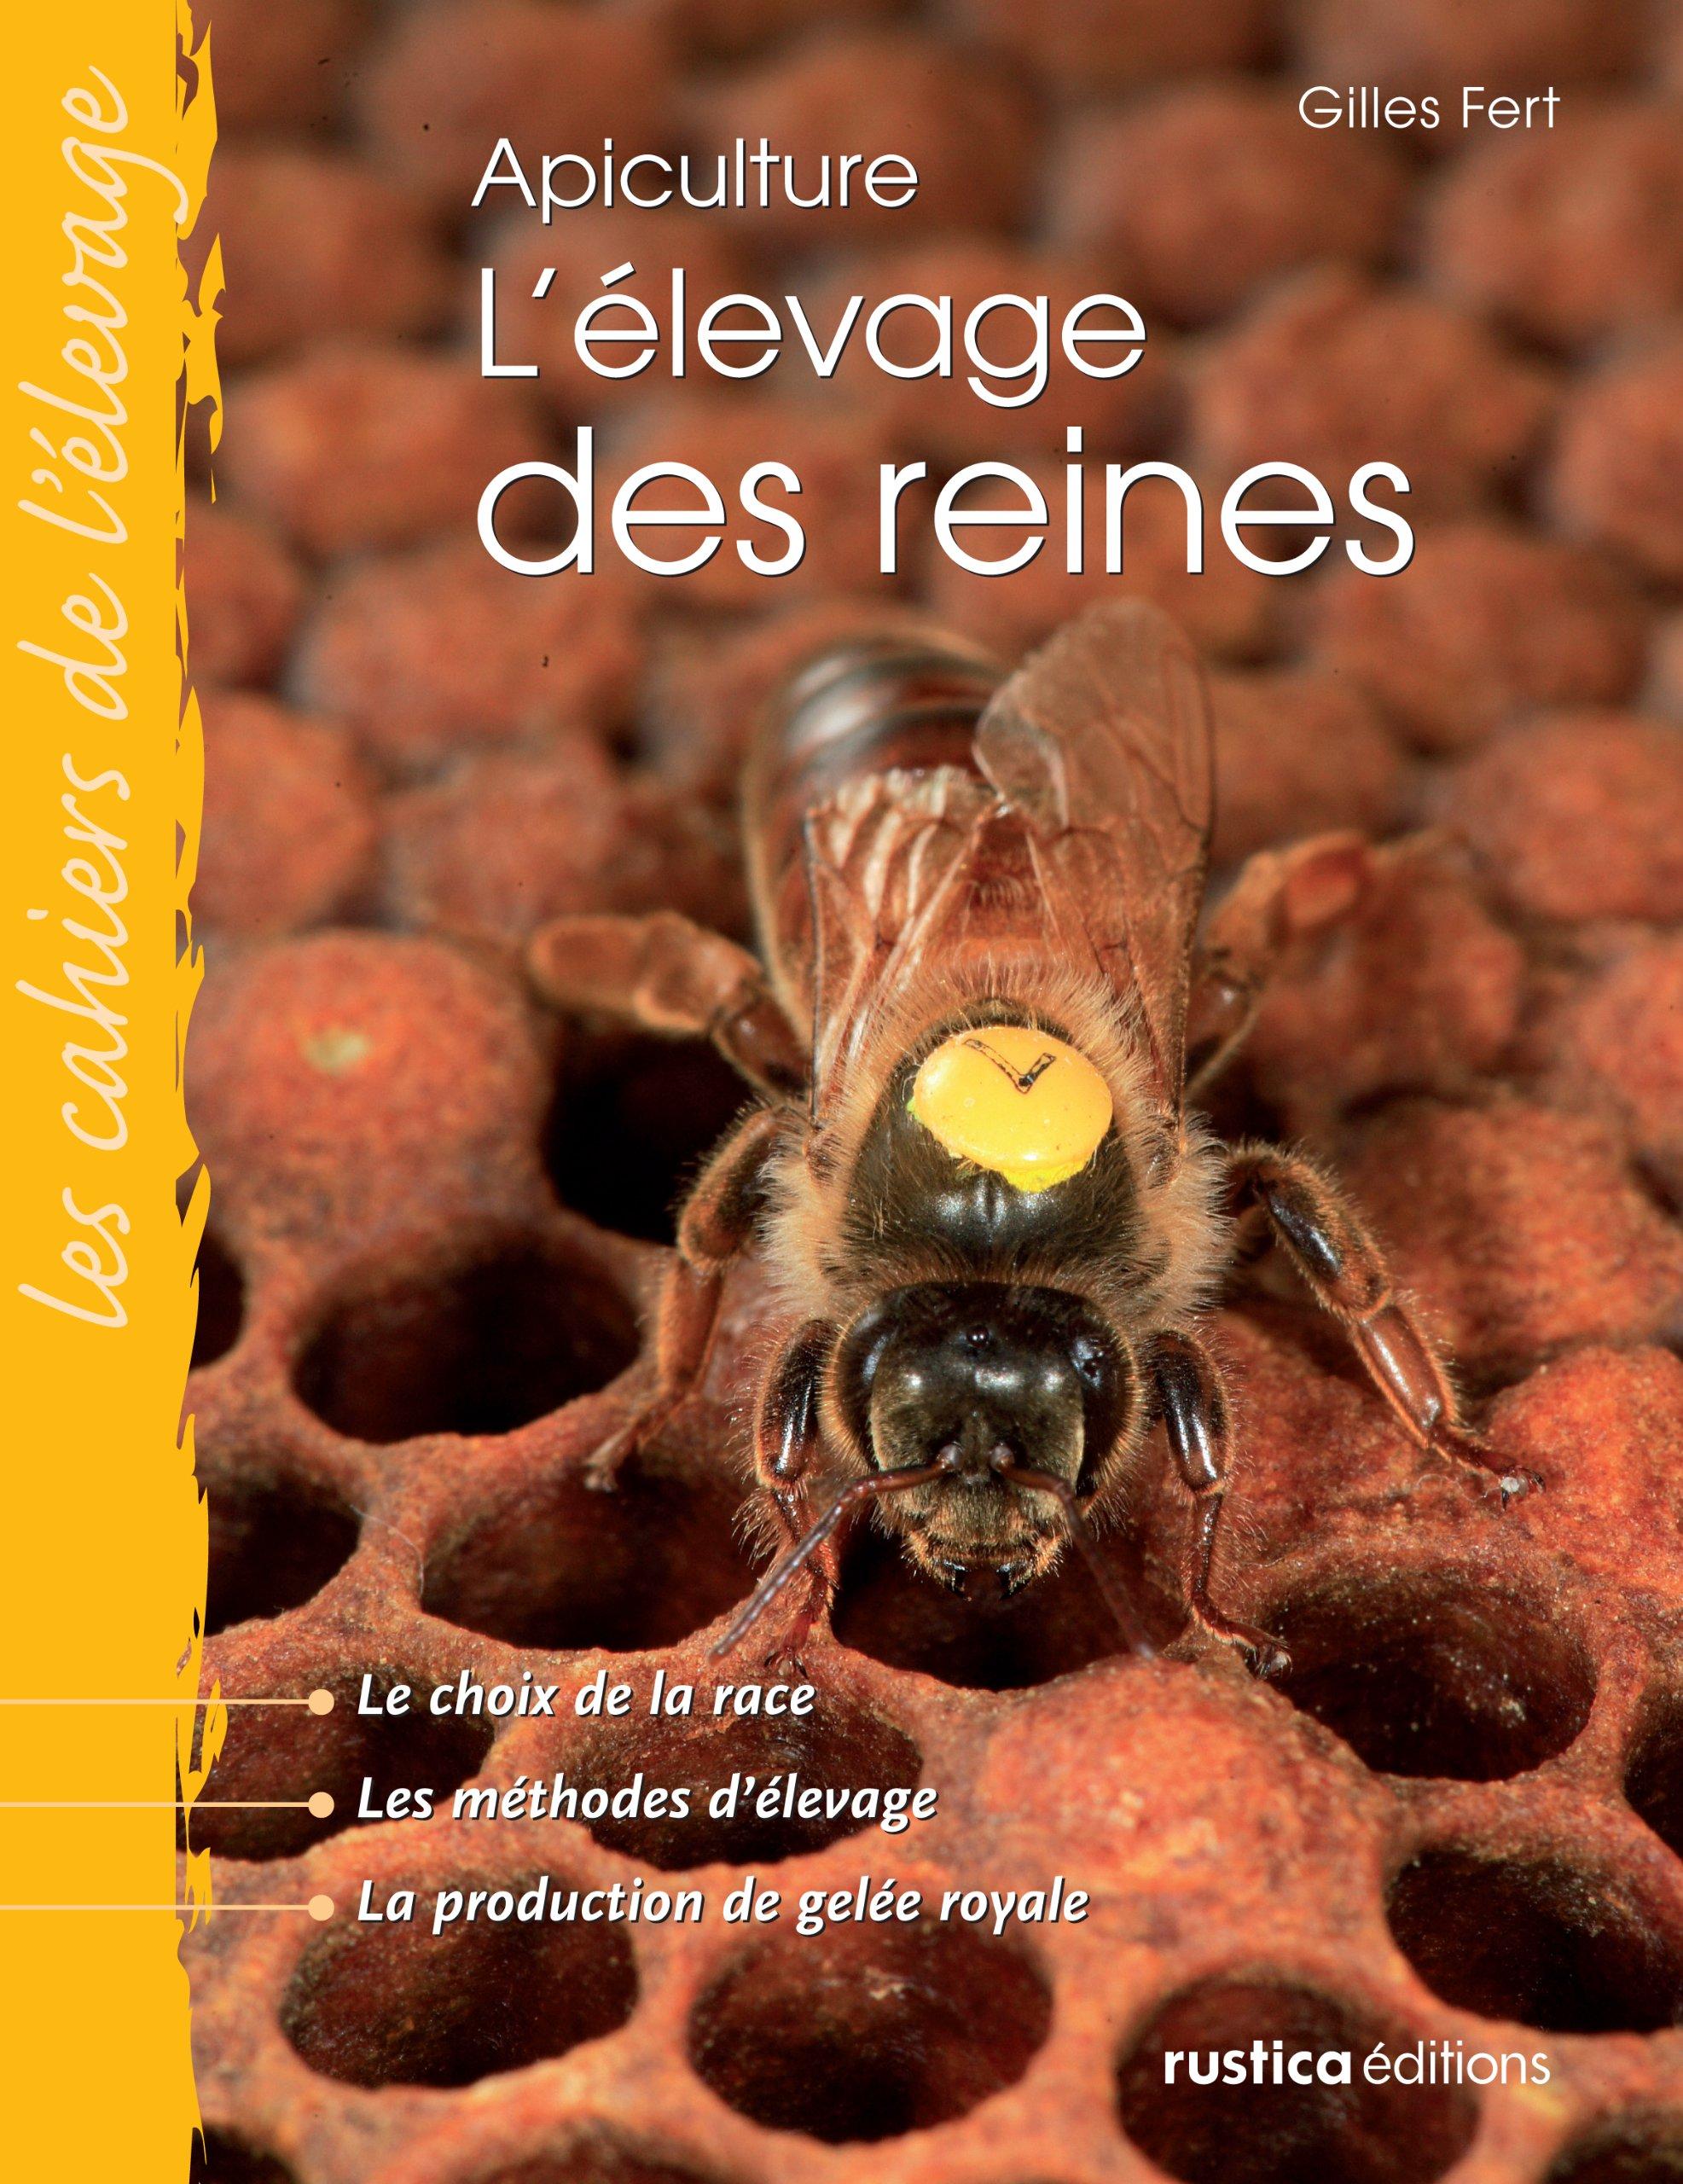 L'élevage des reines Broché – 10 janvier 2008 Gilles Fert Henri Clément L' élevage des reines Editions Rustica